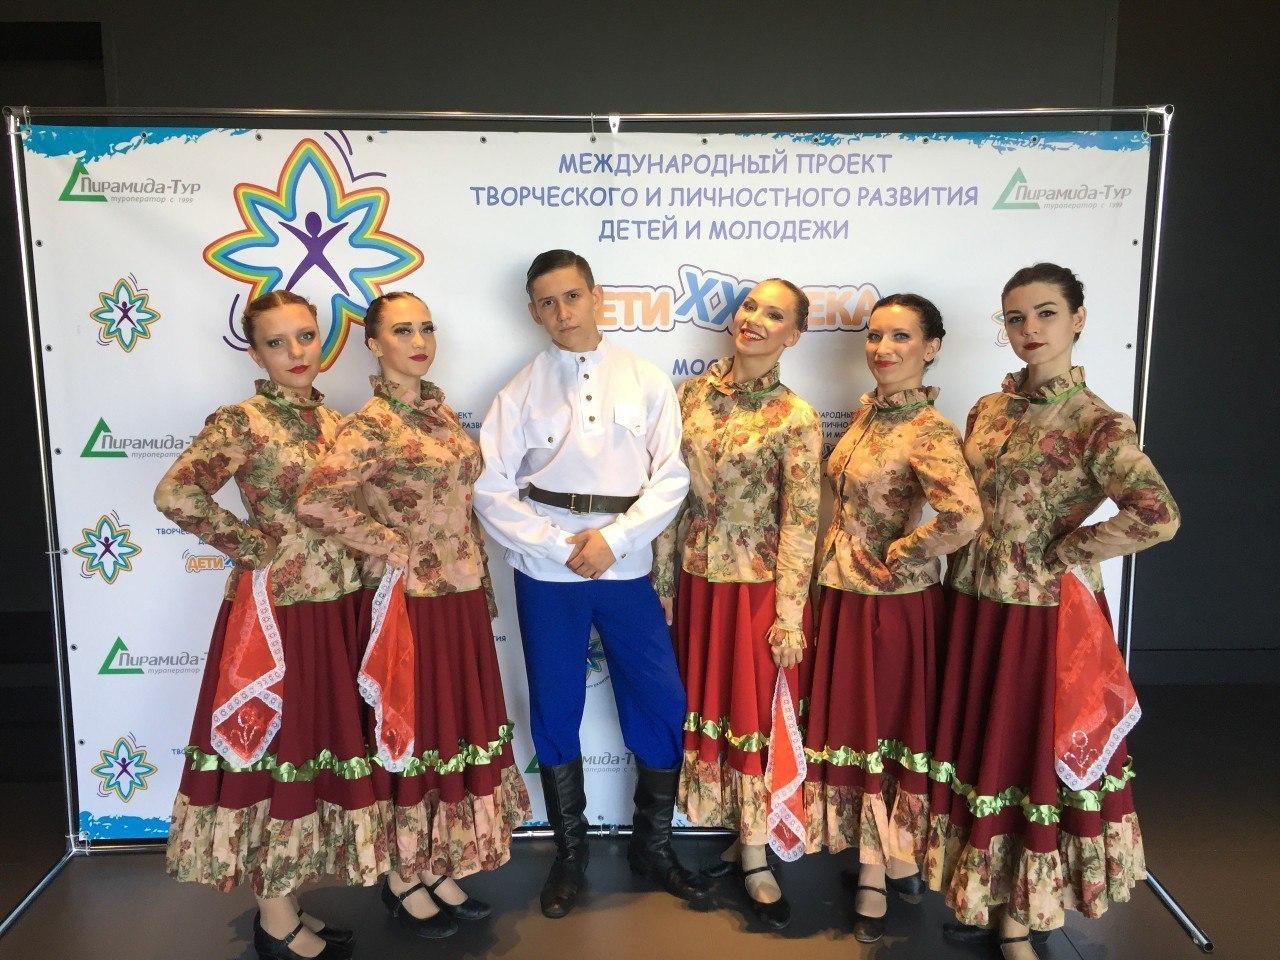 Танцоры Тамбовского колледжа искусств заняли призовые места на международном фестивале «Невские перспективы»